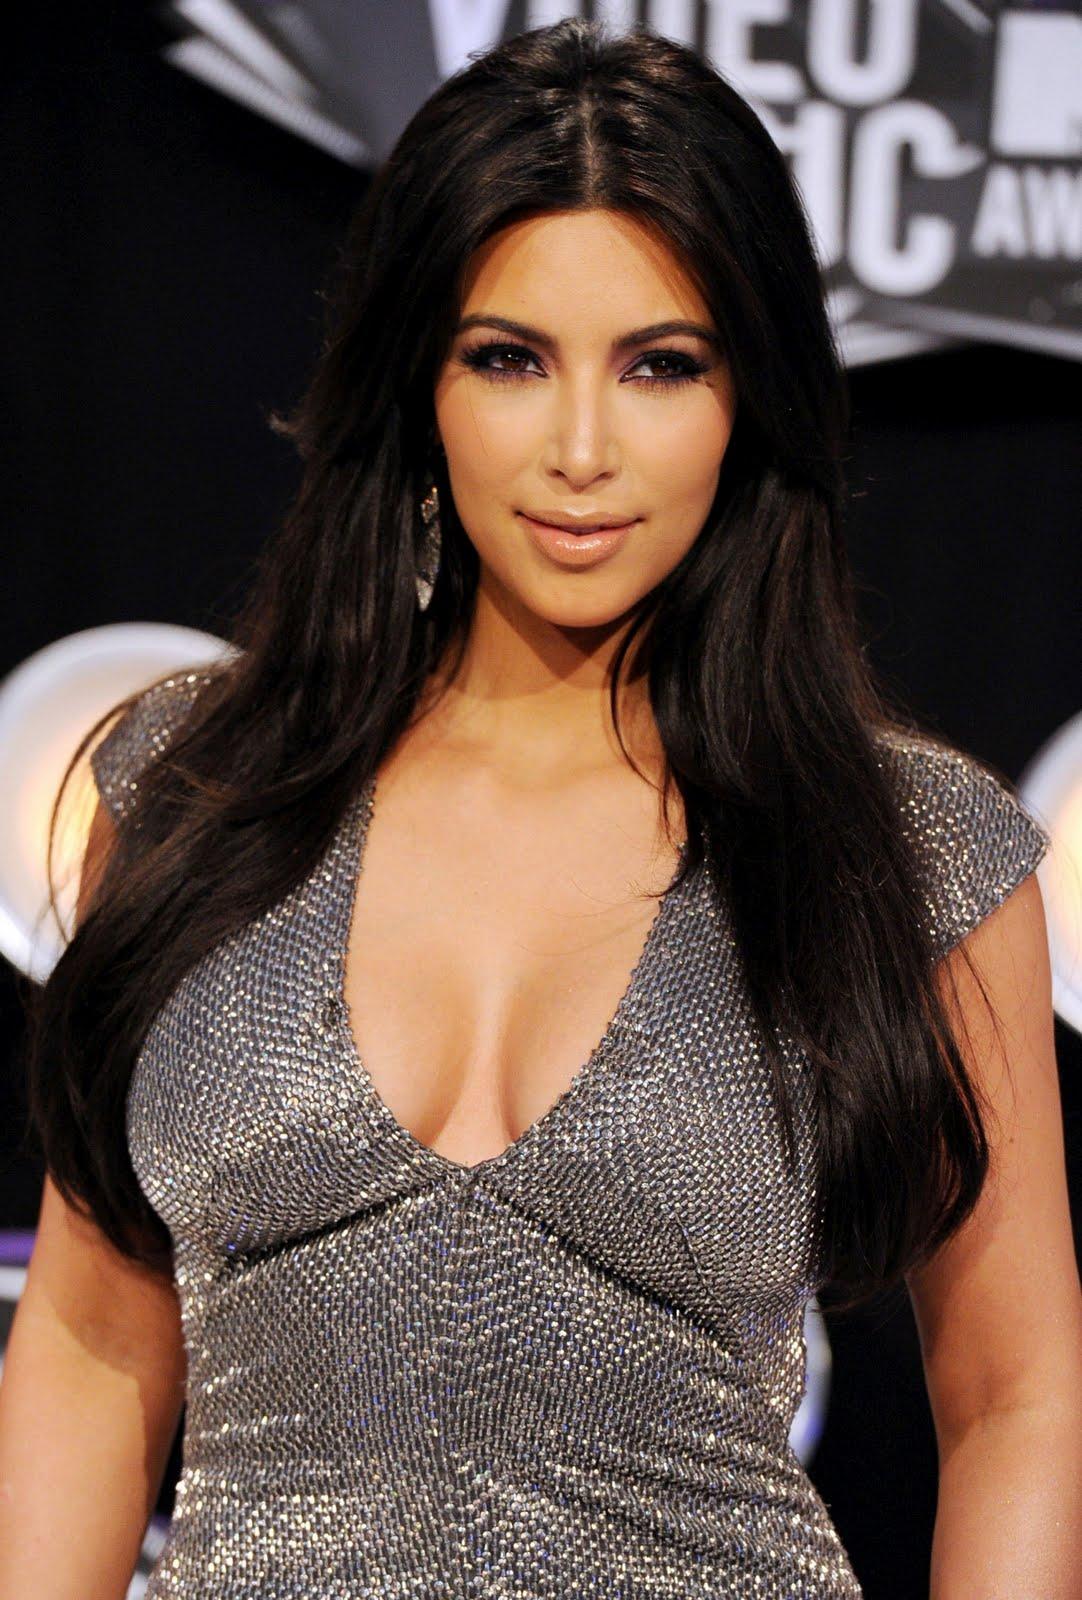 http://2.bp.blogspot.com/-TWLvM2fNw2Q/TqQCnS6OUxI/AAAAAAAAFUA/swV2BVrT3R0/s1600/Kim-Kardashian-37.jpg